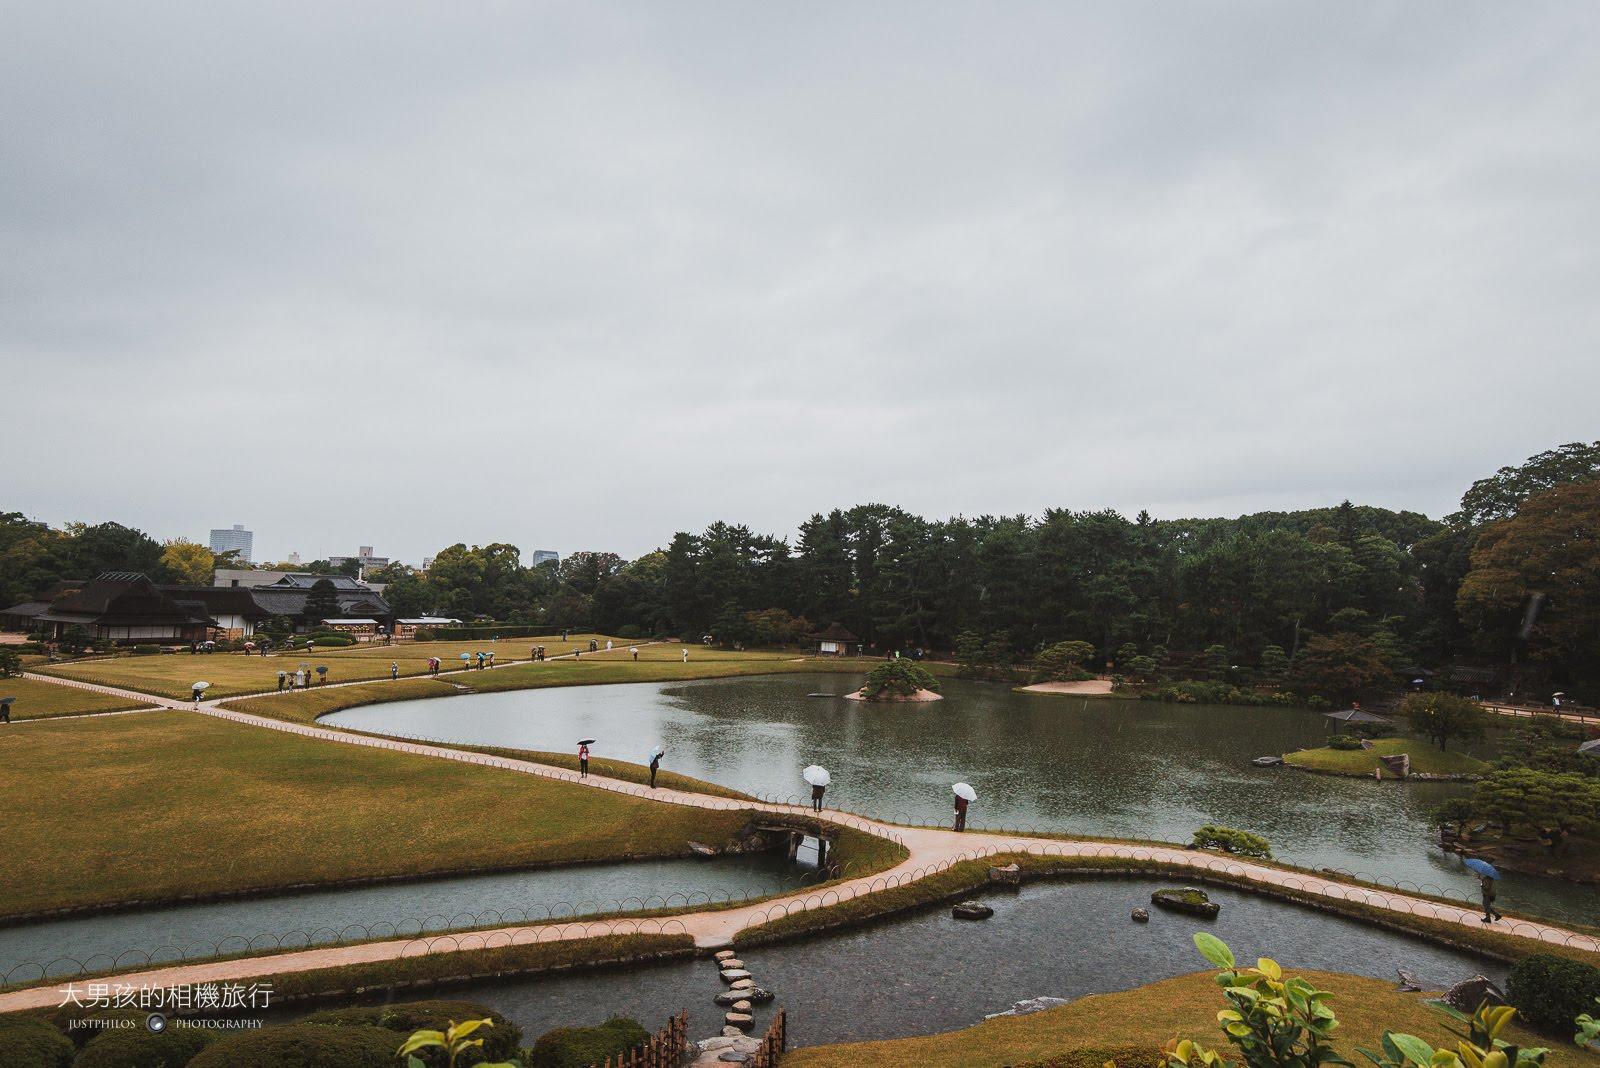 位於岡山城旁的「岡山後樂園」為日本三大名園之一,登上「唯心山」可一覽後樂園的景色。